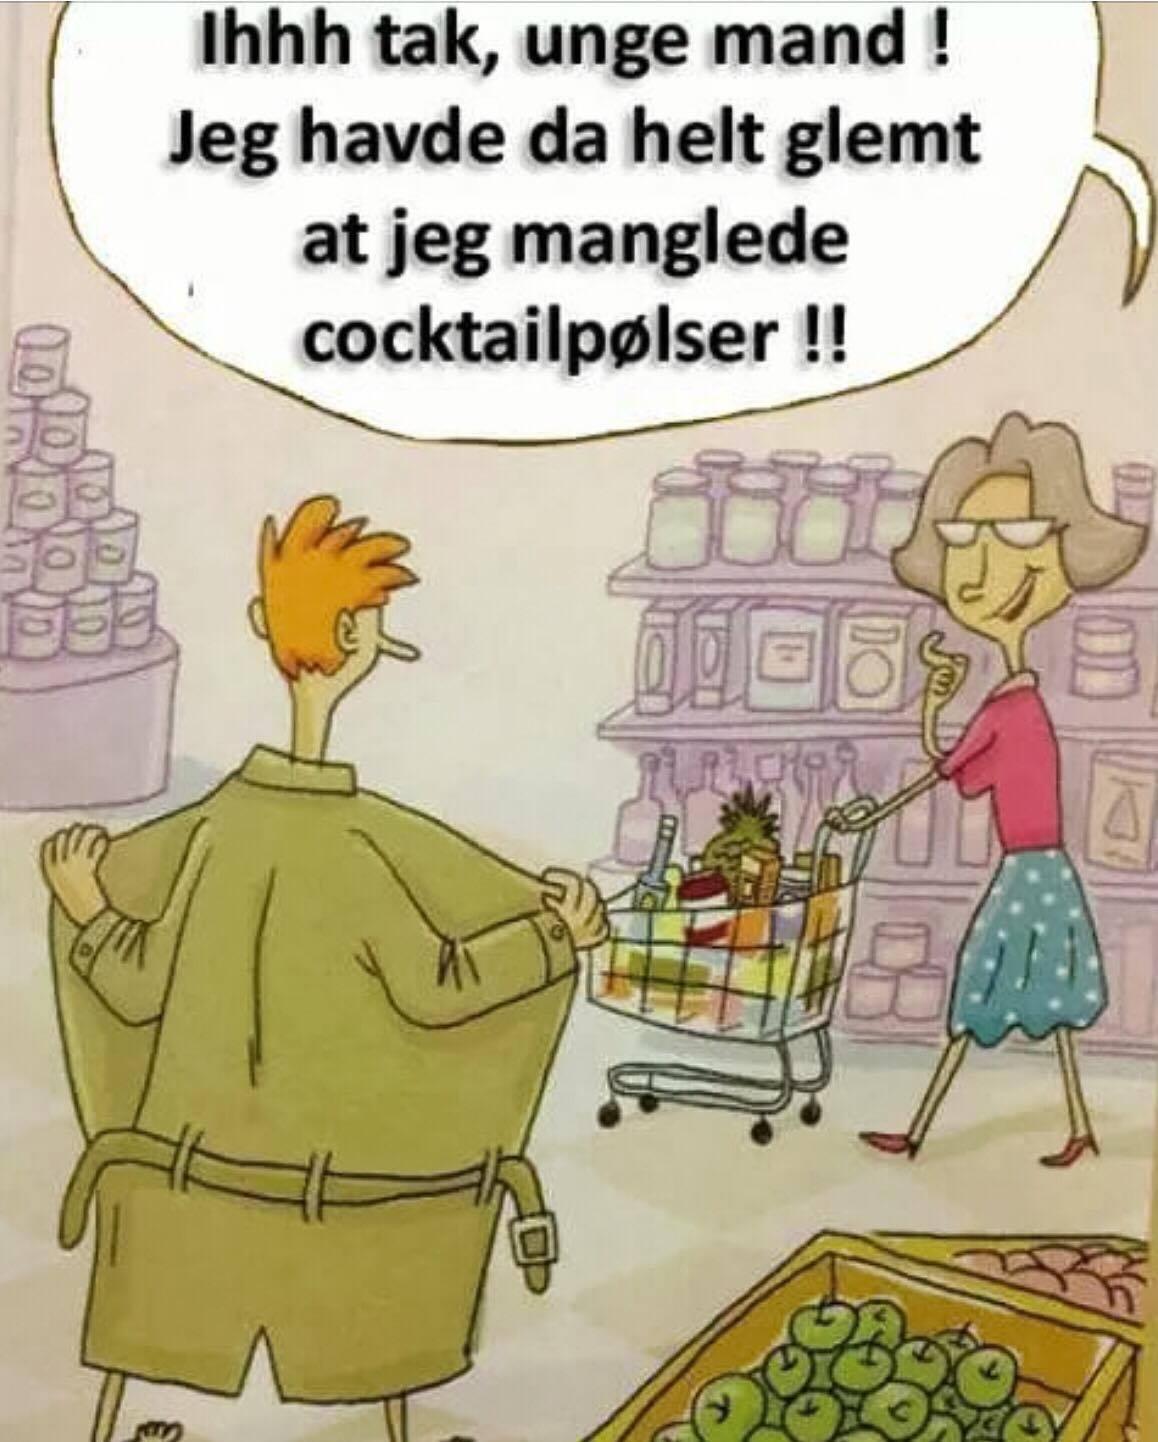 mand - Sjove billeder, Gode jokes, Bedste vittigheder. Visdom.dk har hele pakken til dig.